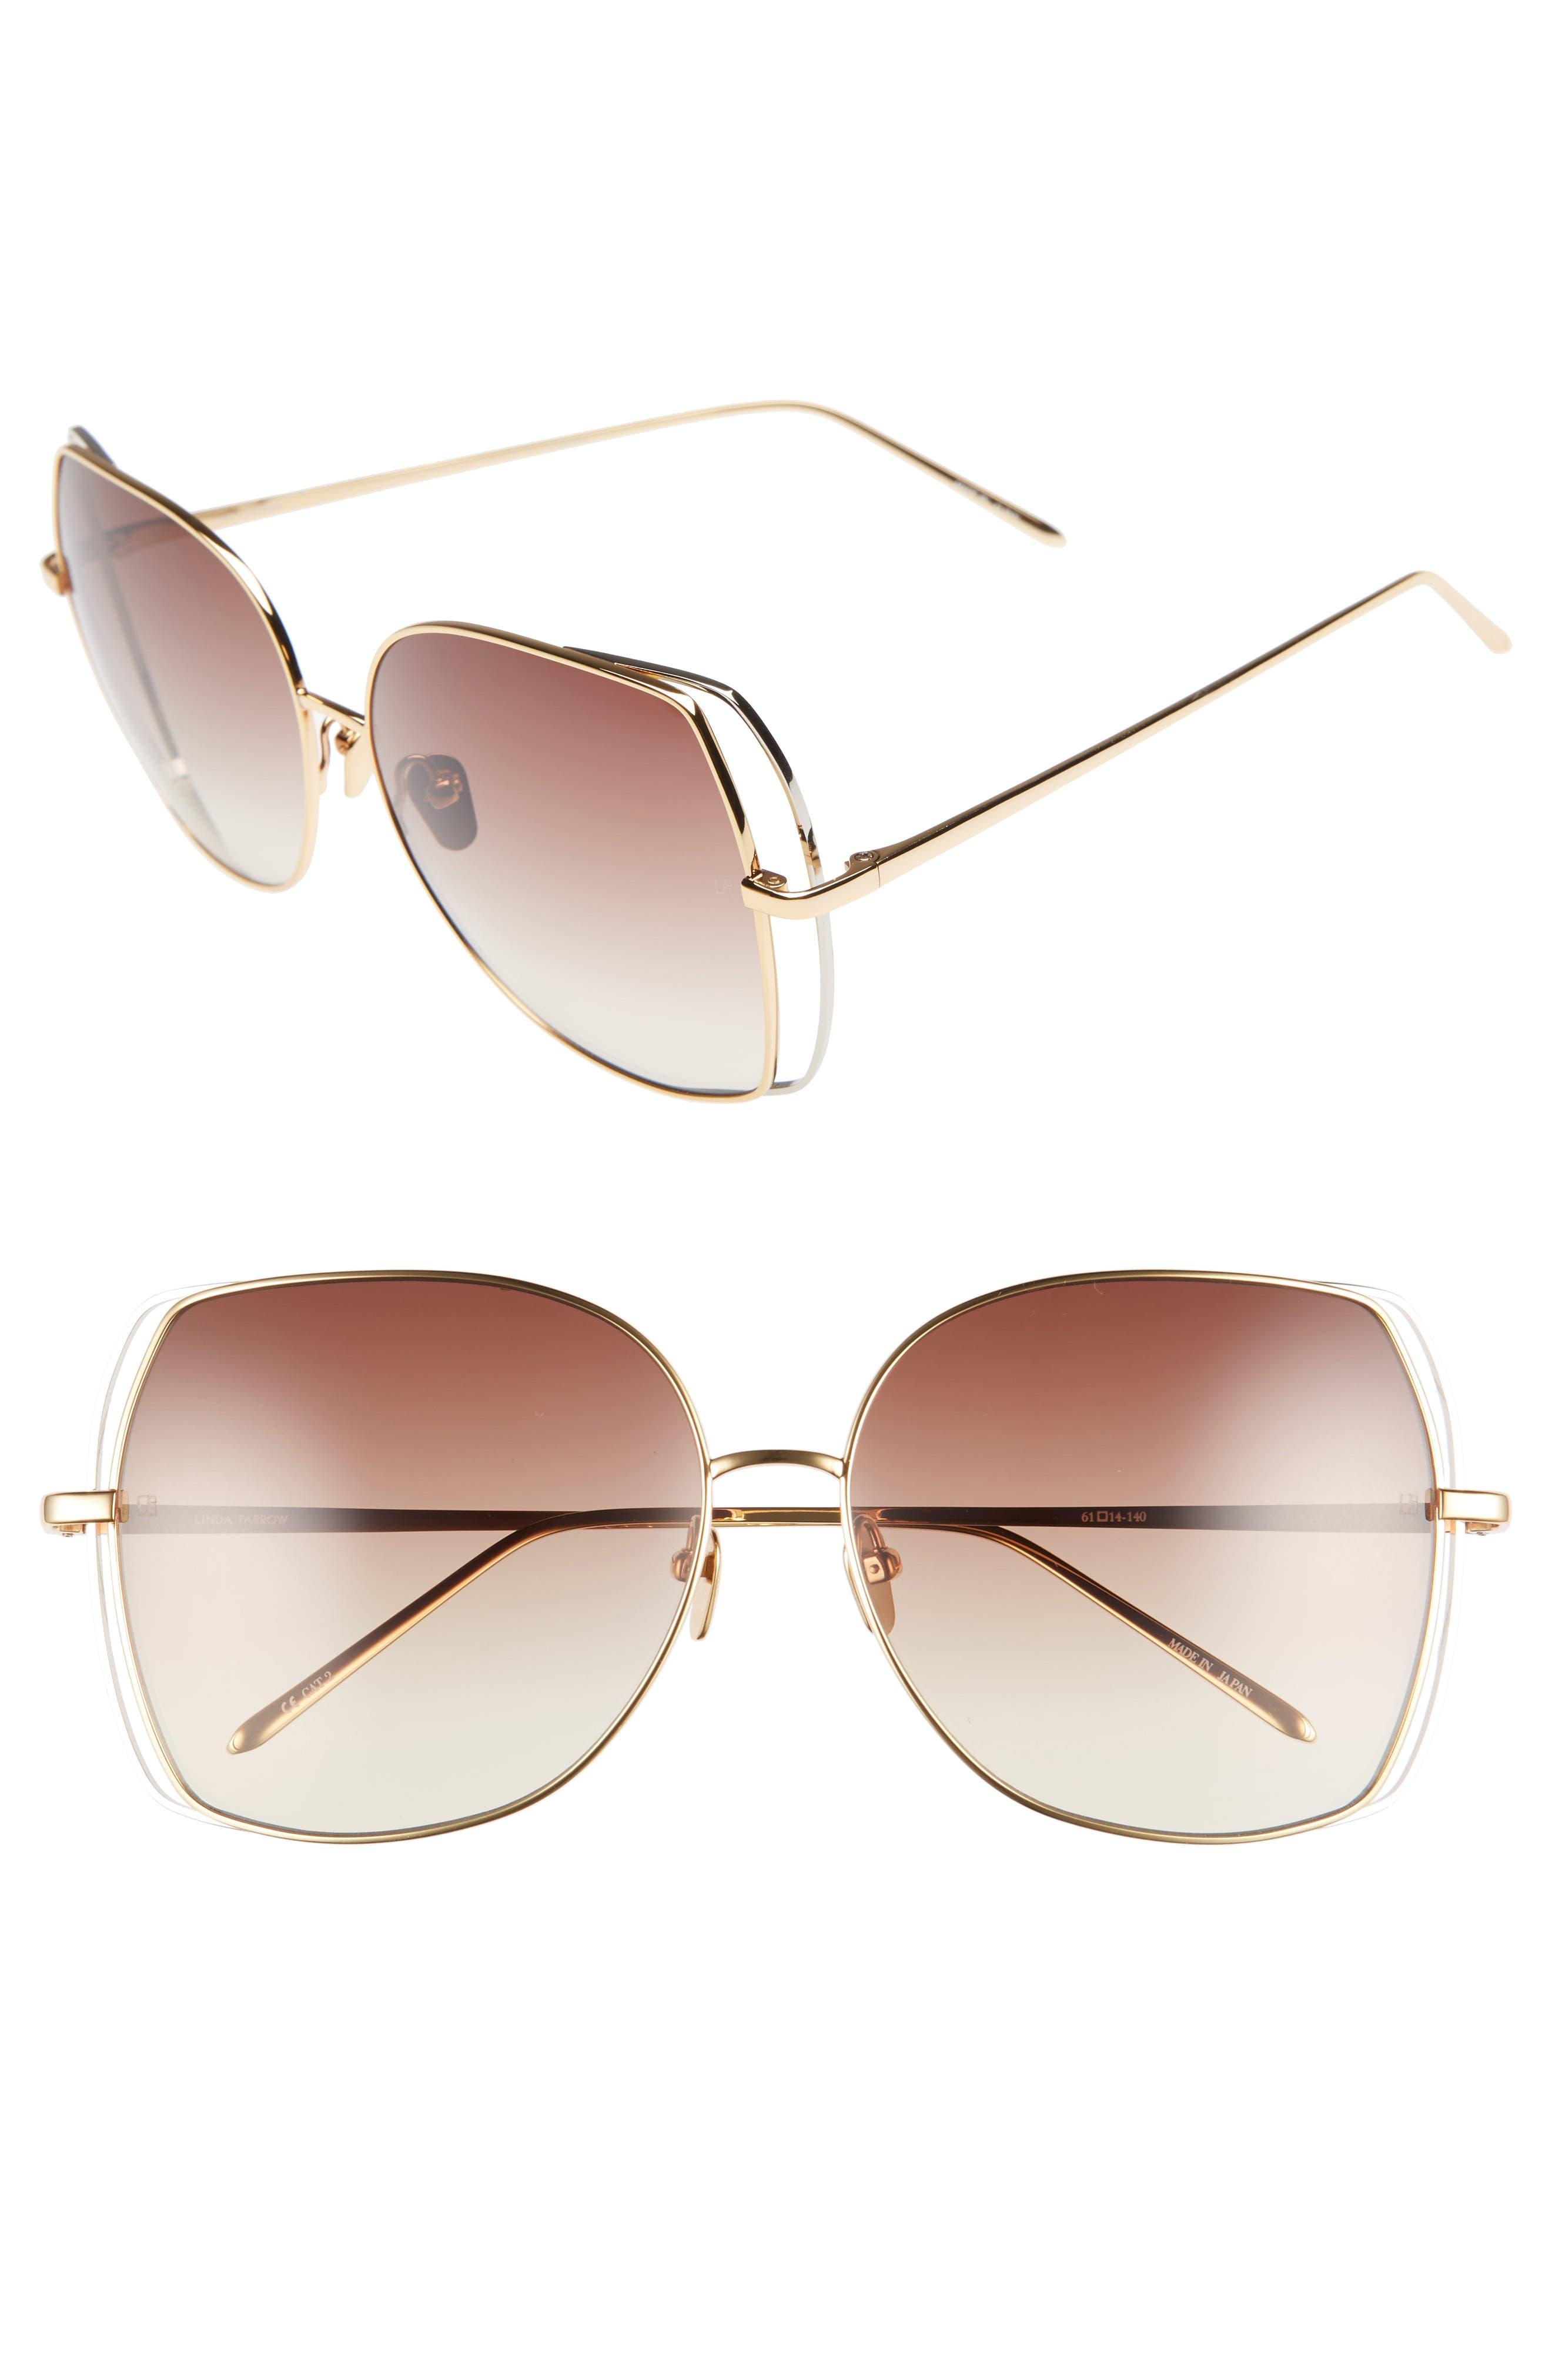 Alternate Image 1 Selected - Linda Farrow 61mm Gradient Lens 18 Karat Gold Sunglasses